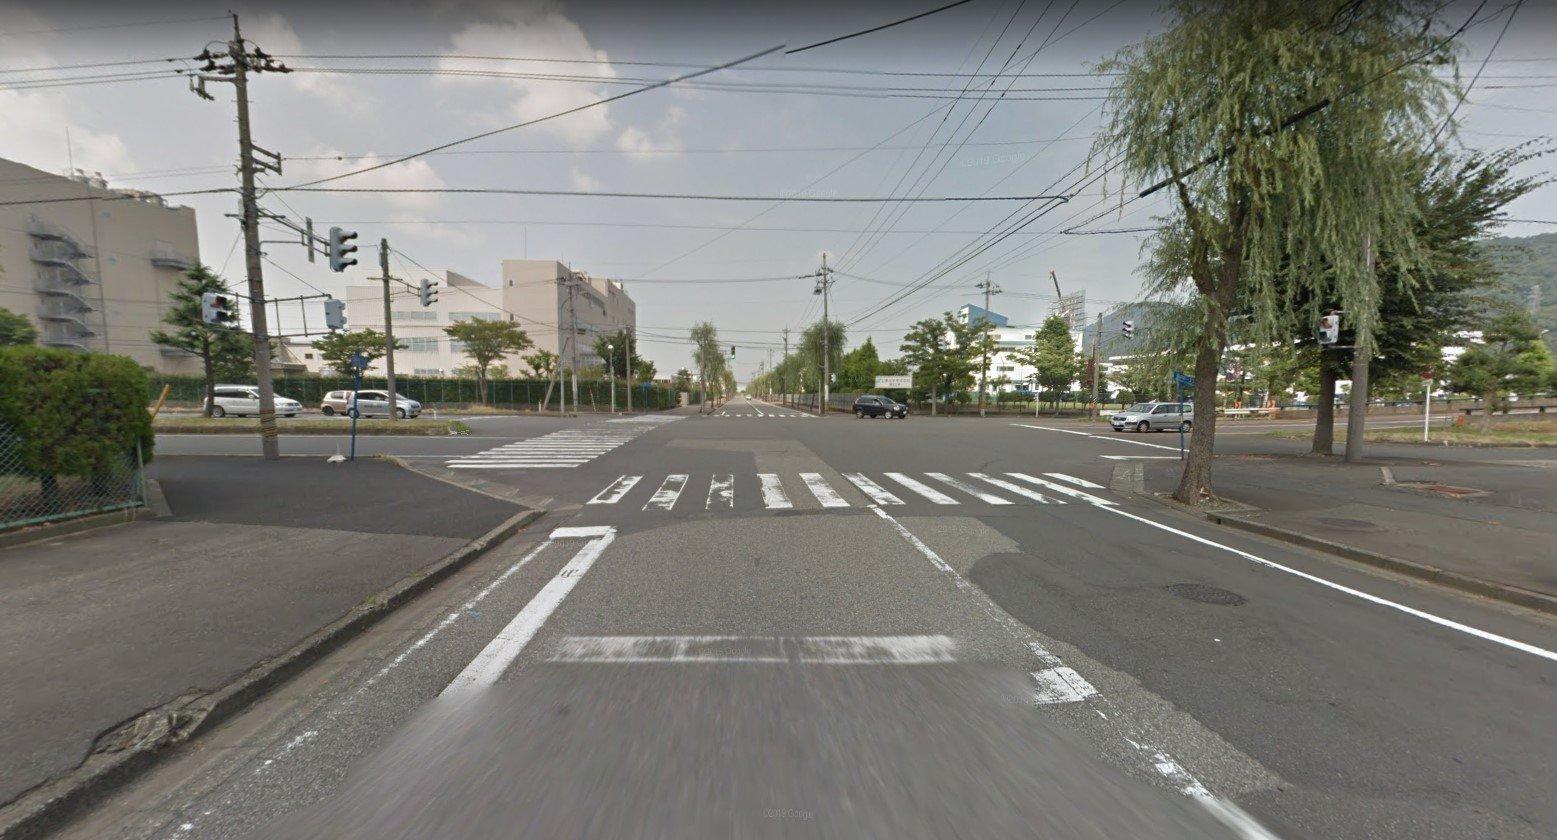 【運転】地元に初見殺しな道路ある?この画像は近所の左折トラップ